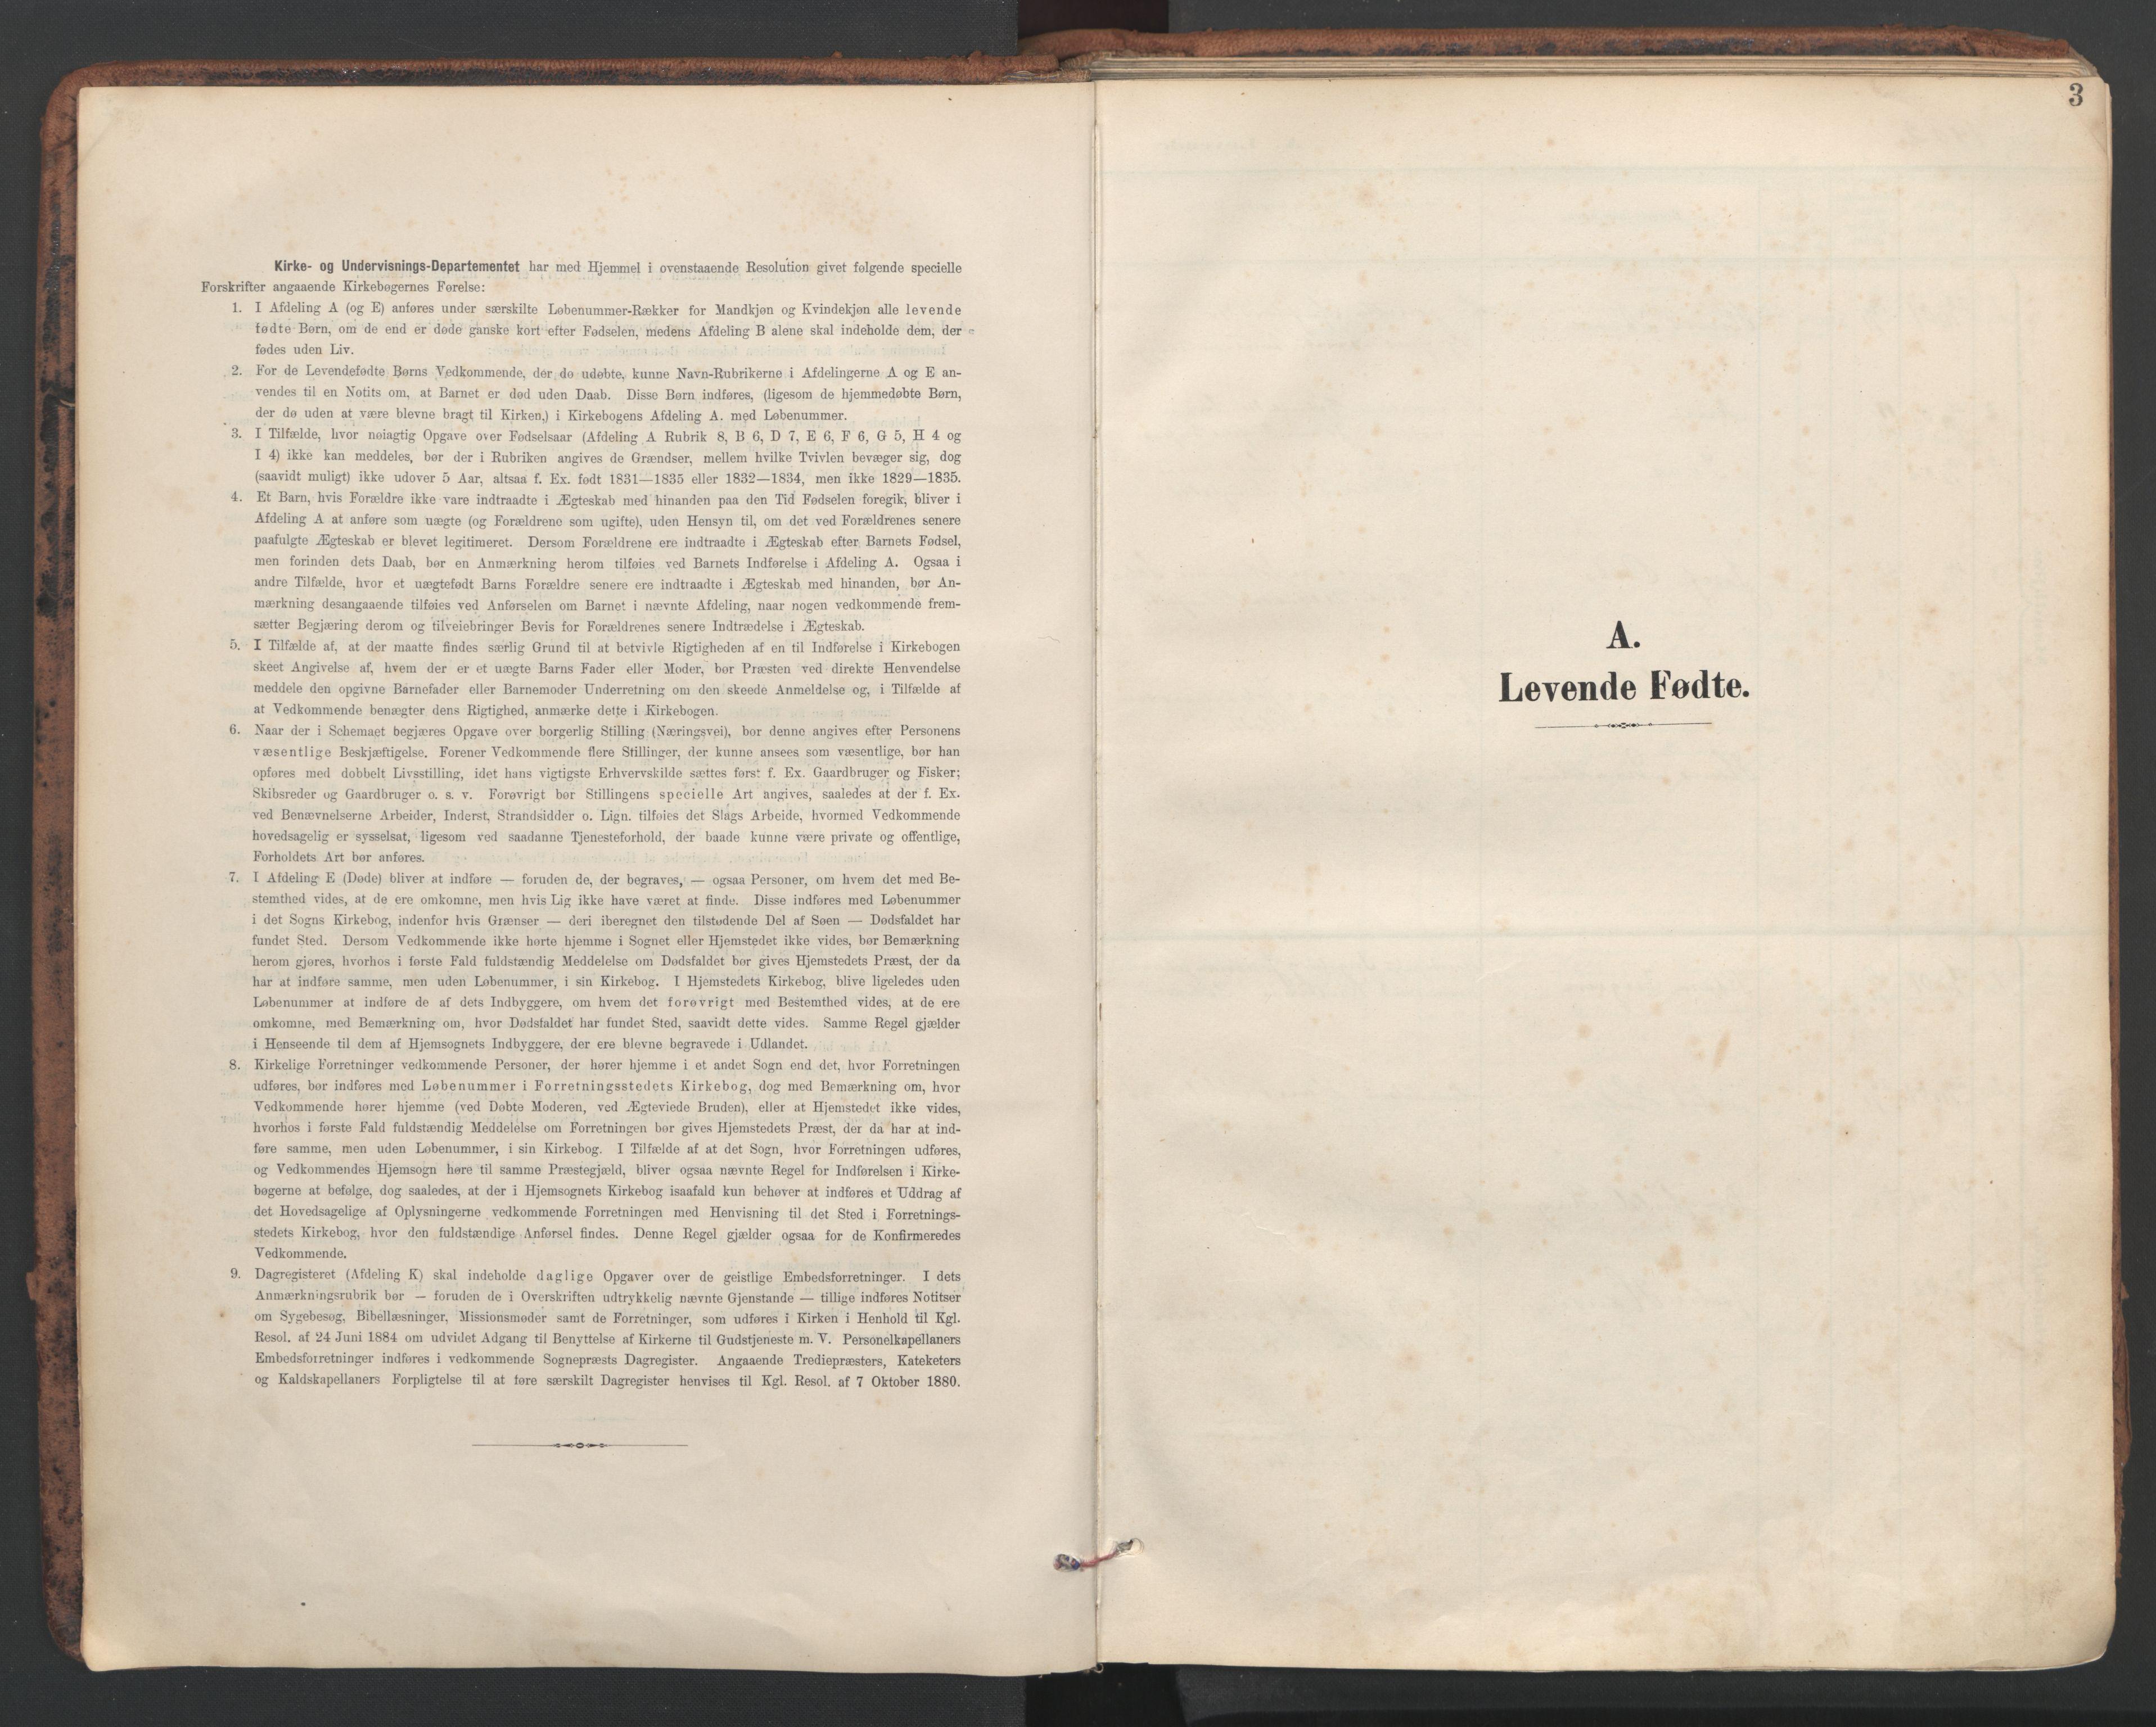 SAT, Ministerialprotokoller, klokkerbøker og fødselsregistre - Sør-Trøndelag, 634/L0537: Ministerialbok nr. 634A13, 1896-1922, s. 3